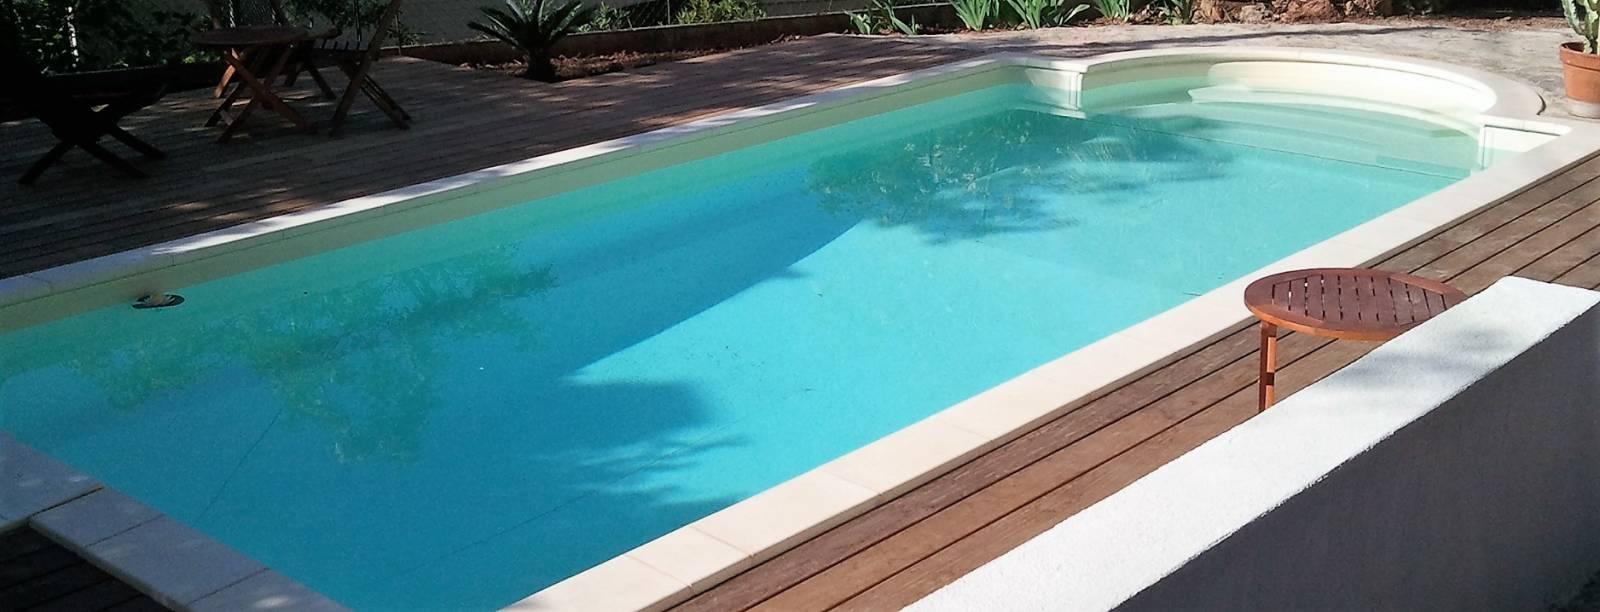 Plage ipe autour d 39 une piscine desjoyaux six fours les for Renovation piscine desjoyaux